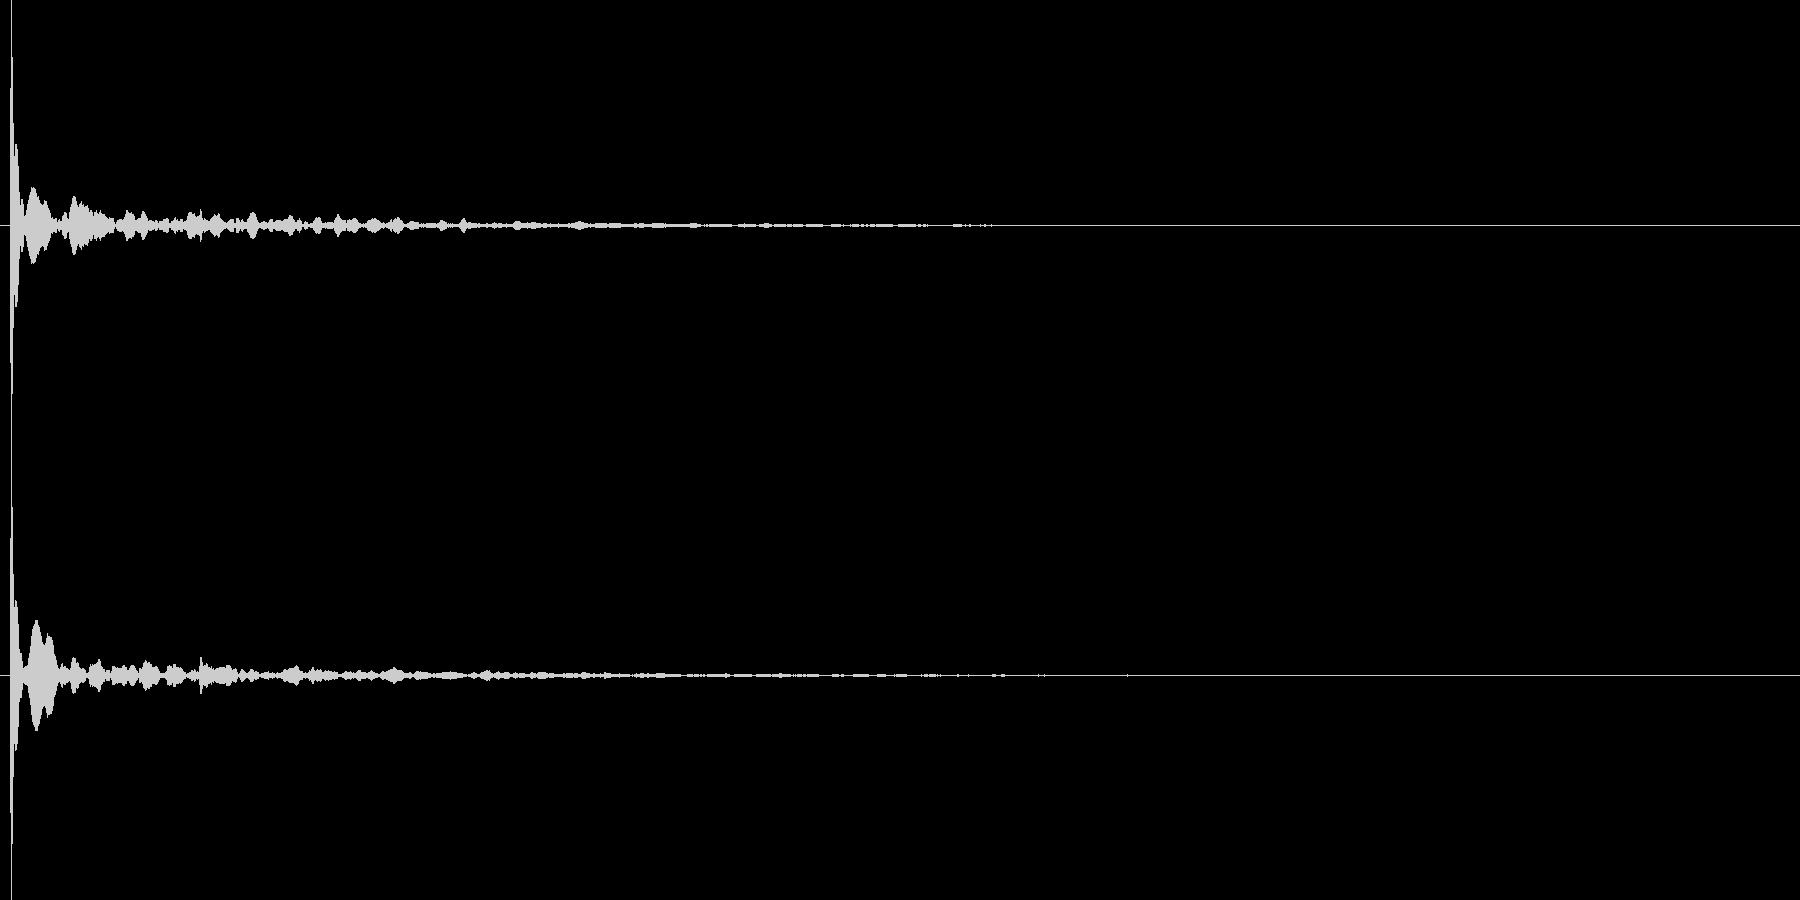 ソナーのような短信音4高音質の未再生の波形